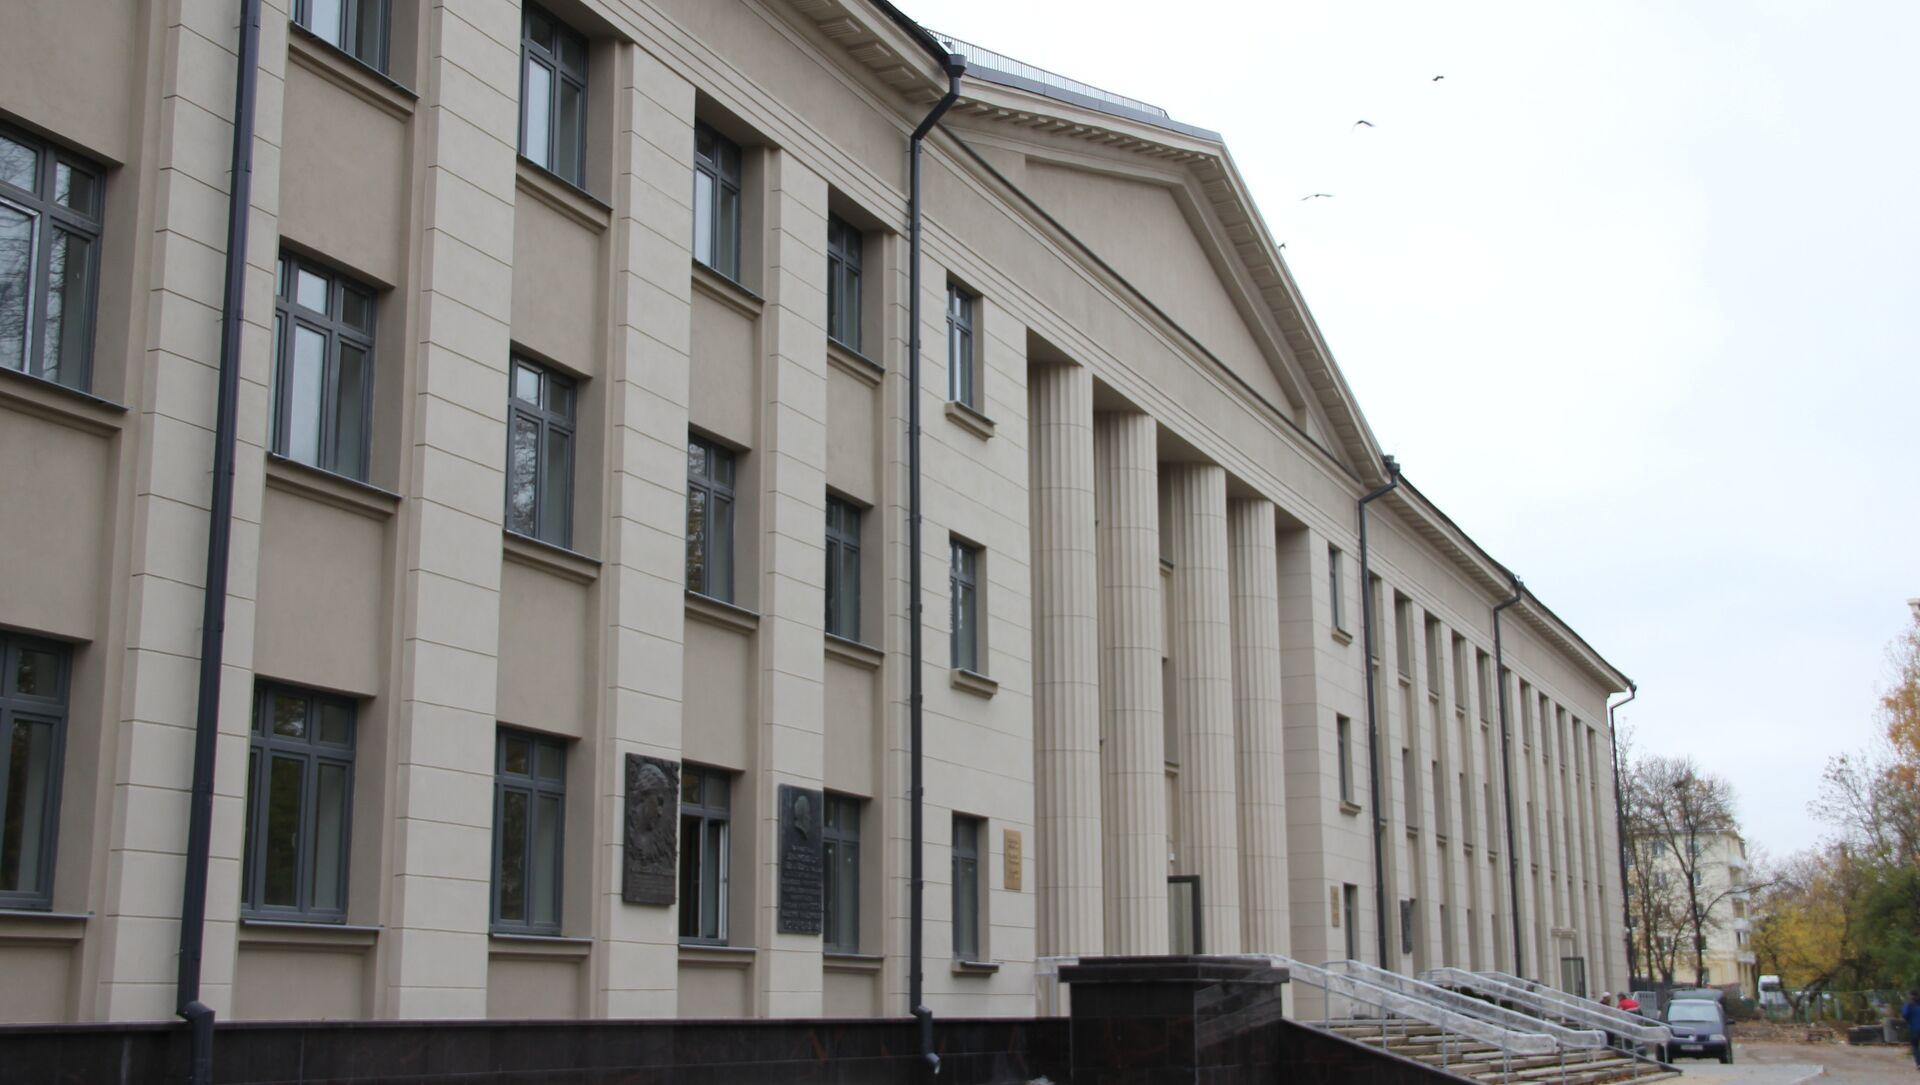 Кінастудыя Беларусьфільм - Sputnik Беларусь, 1920, 25.03.2021